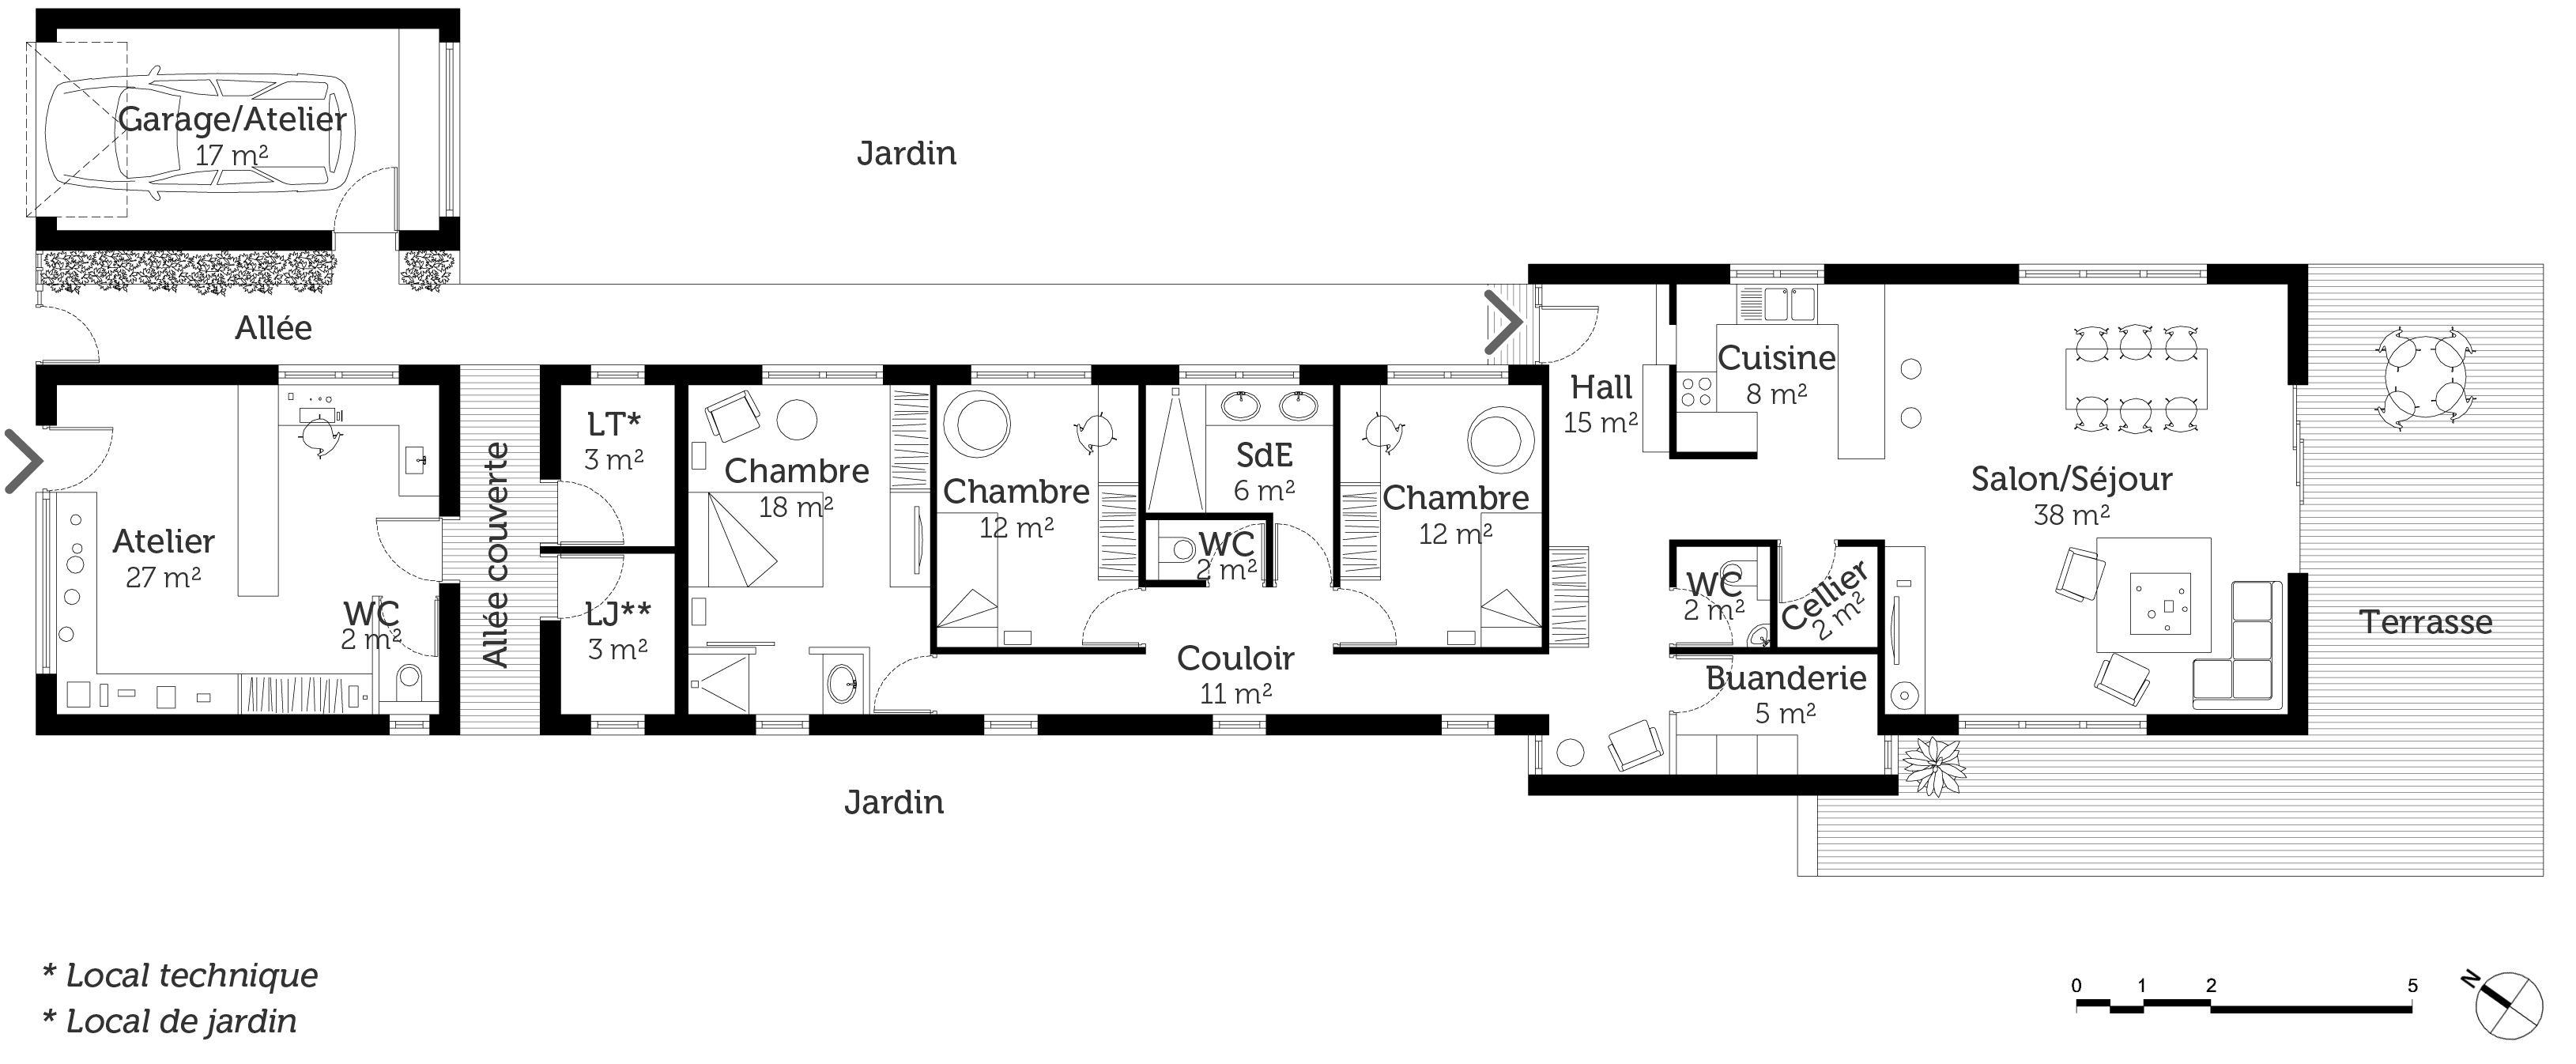 Http Media Comprendrechoisir Com U Source 1 306591 1063 Maison Plain Pied Plan Maison Plan De Maison Gratuit